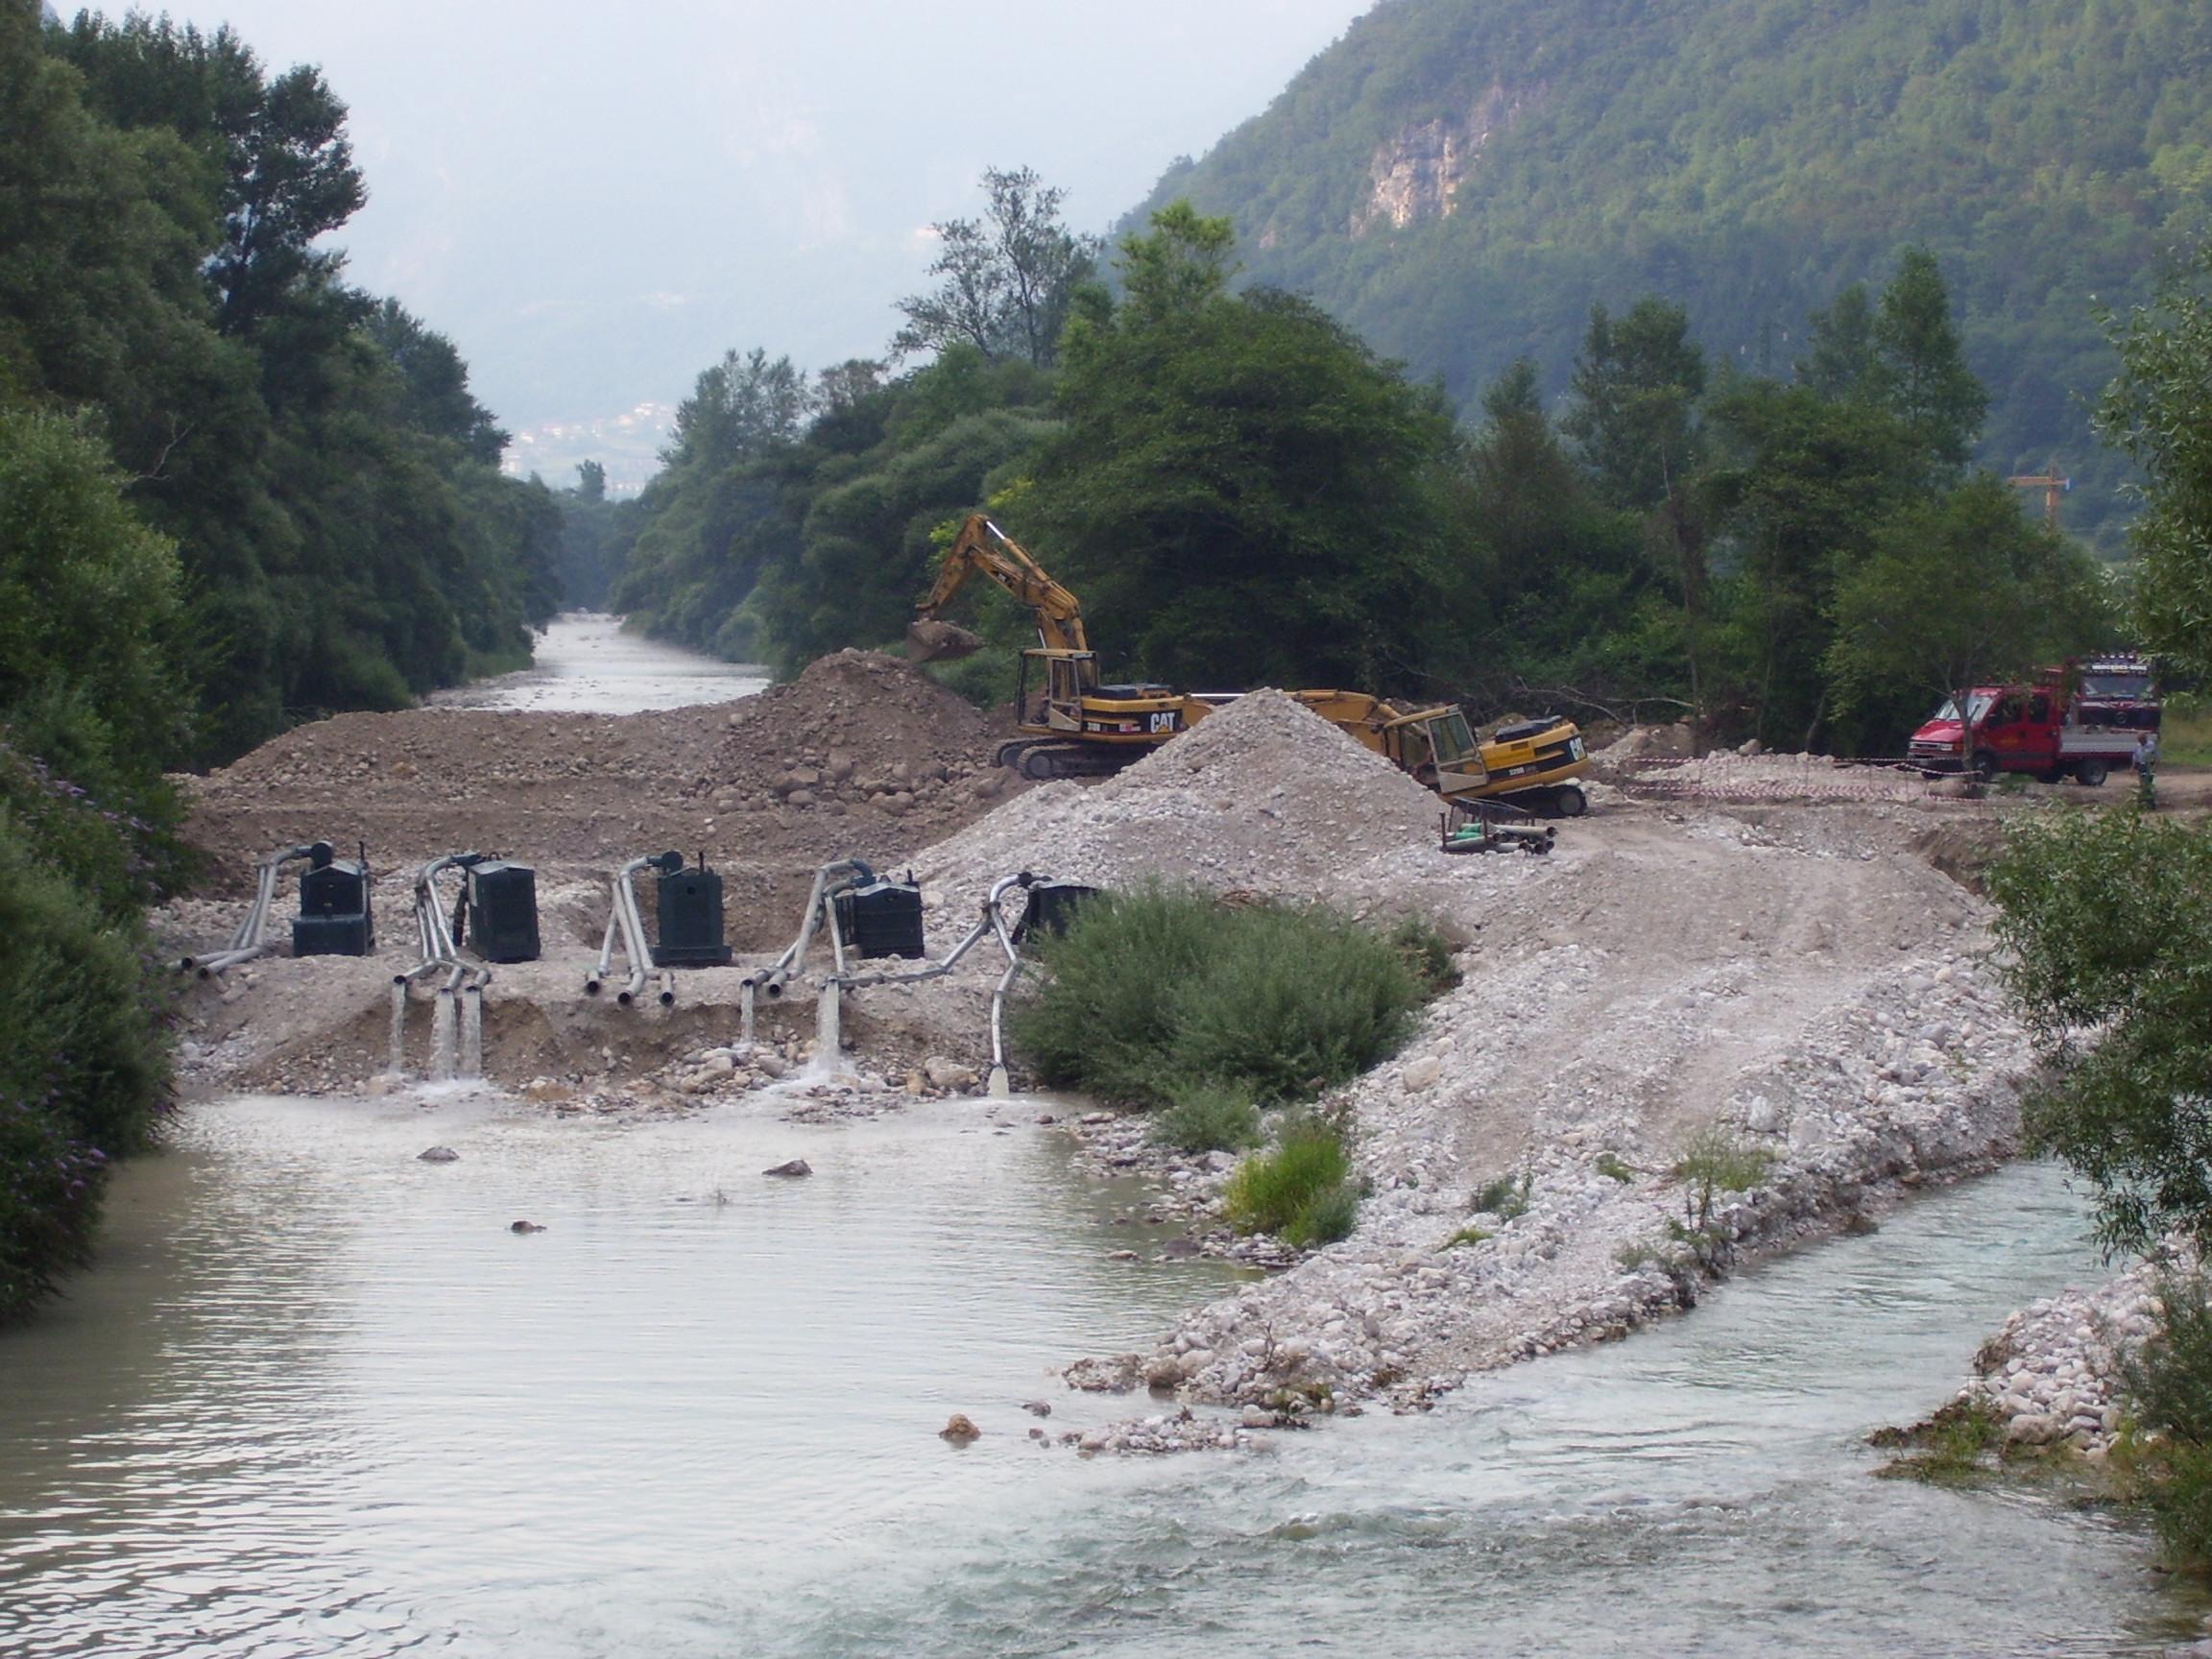 Realizzazione di un attraversamento fluviale nel torrente Astico